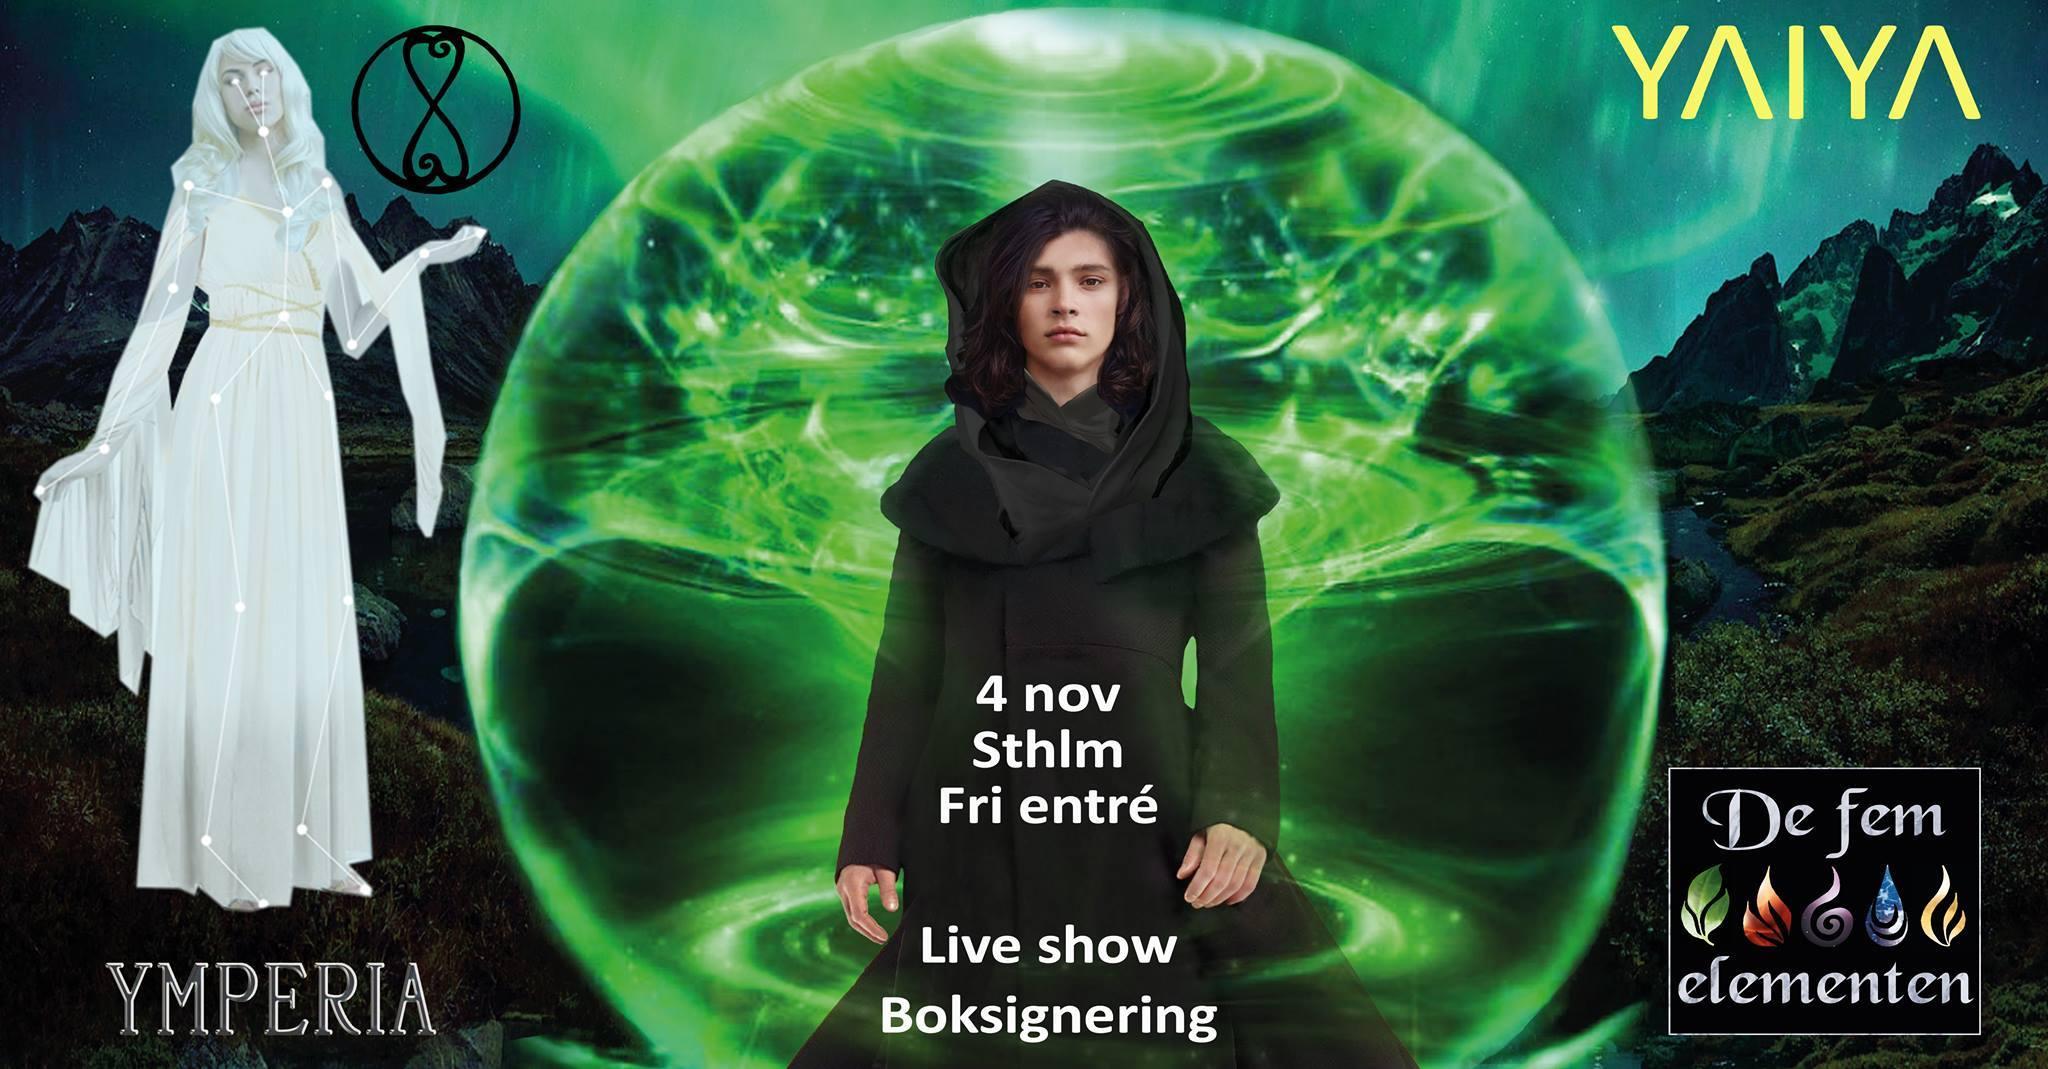 Boksläpp 4 november i Sthlm, om de fem elementen! Fri entré!